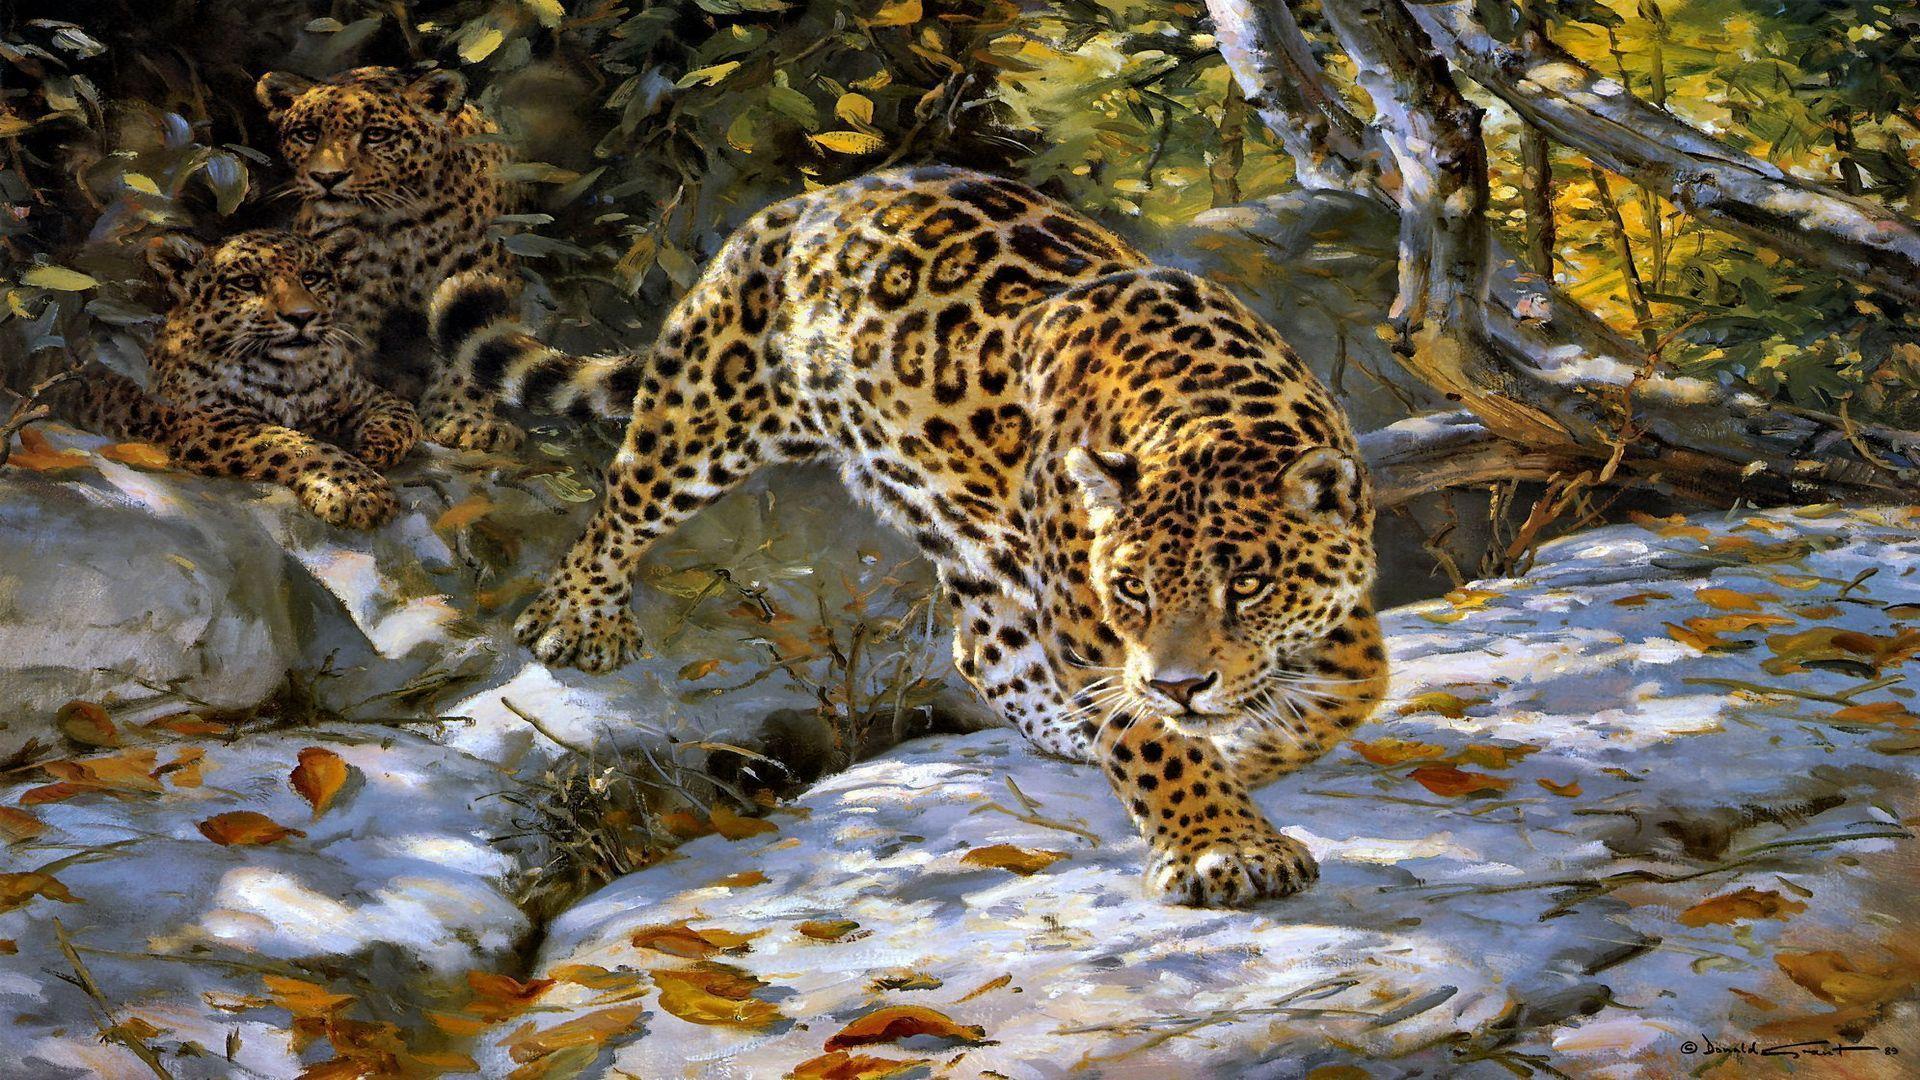 Animals Jaguars Wallpapers Hd Desktop And Mobile: Jaguar Wallpapers